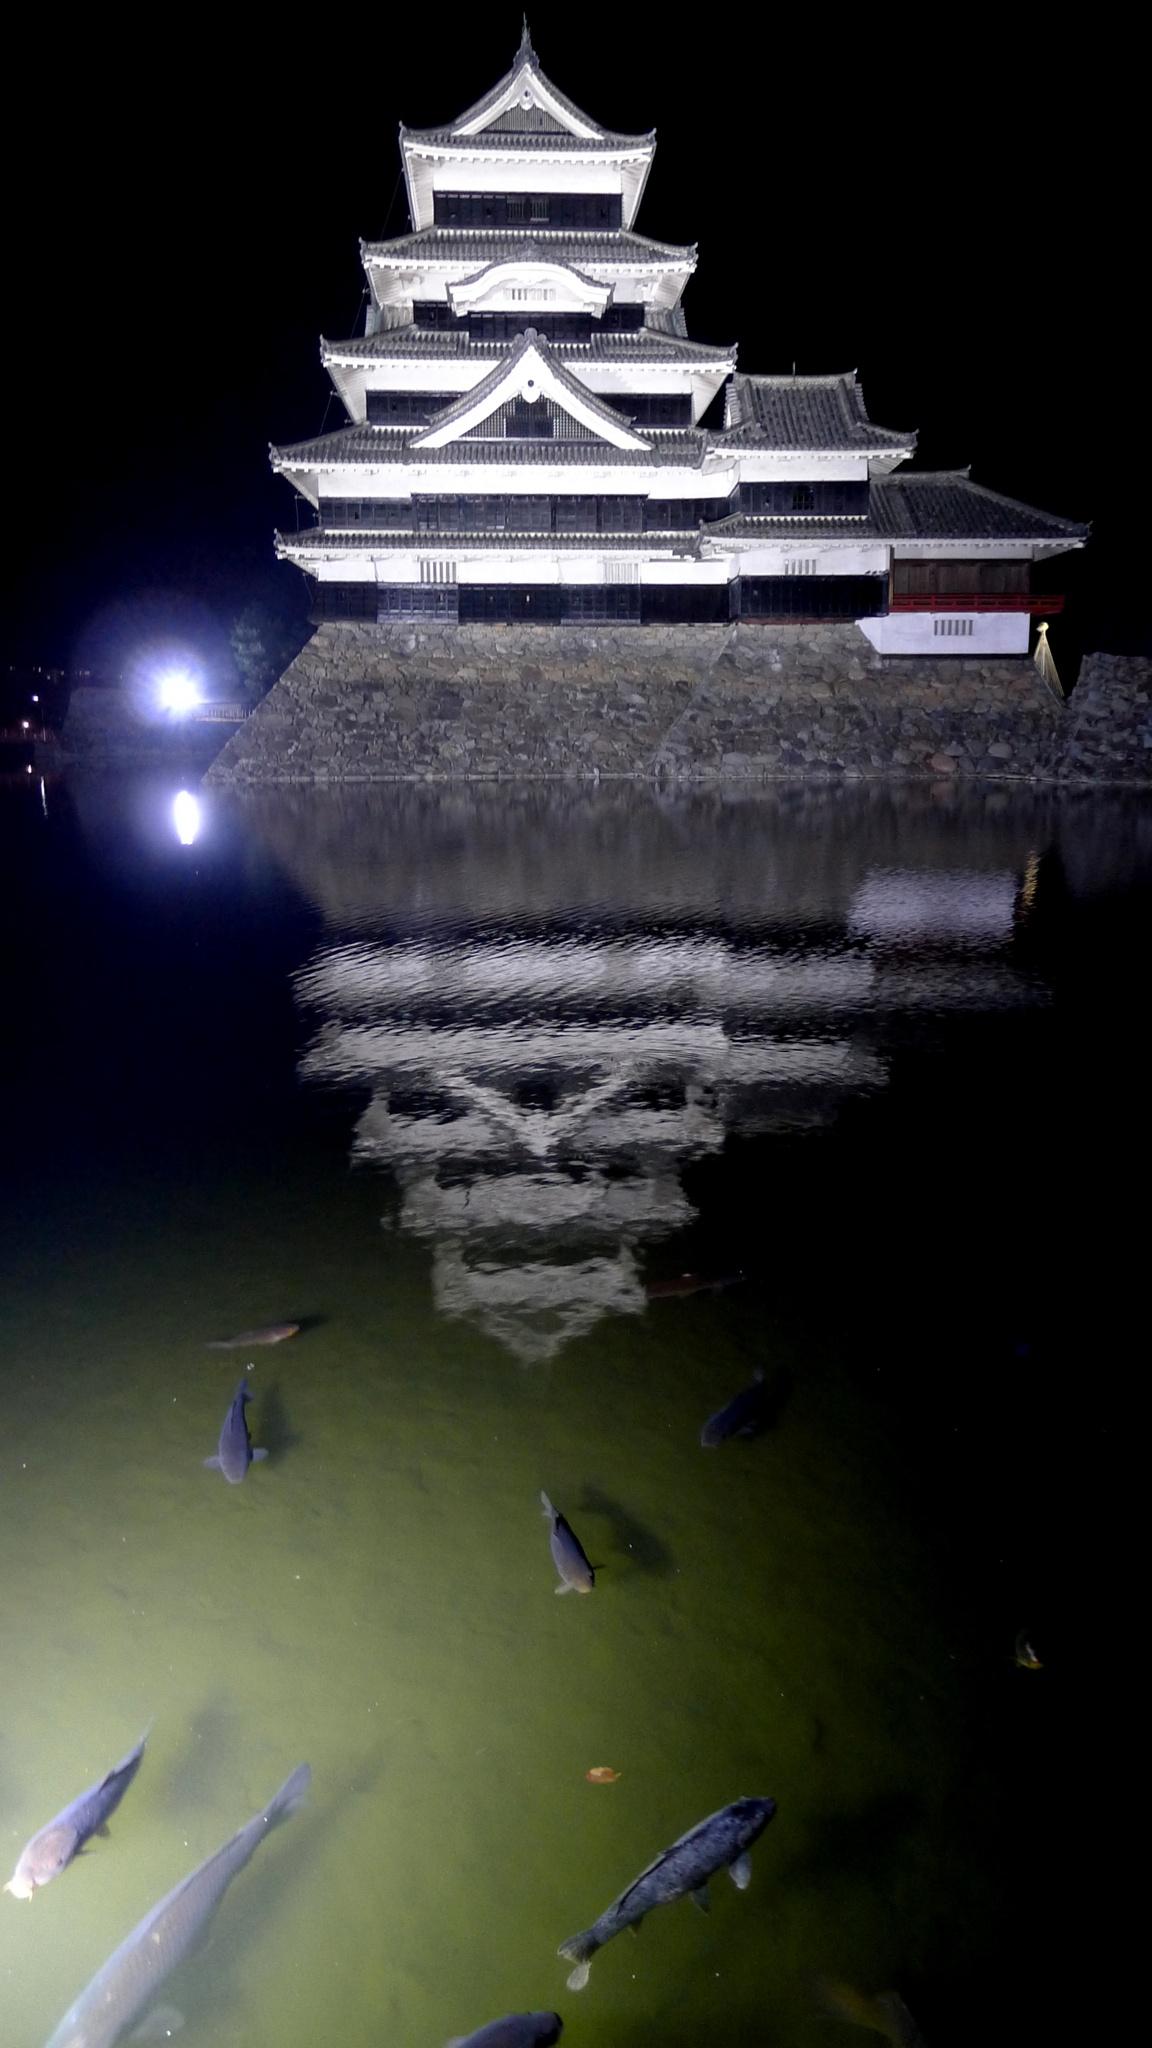 Matsumoto-jo Castle by kunihiko.yasuda.5